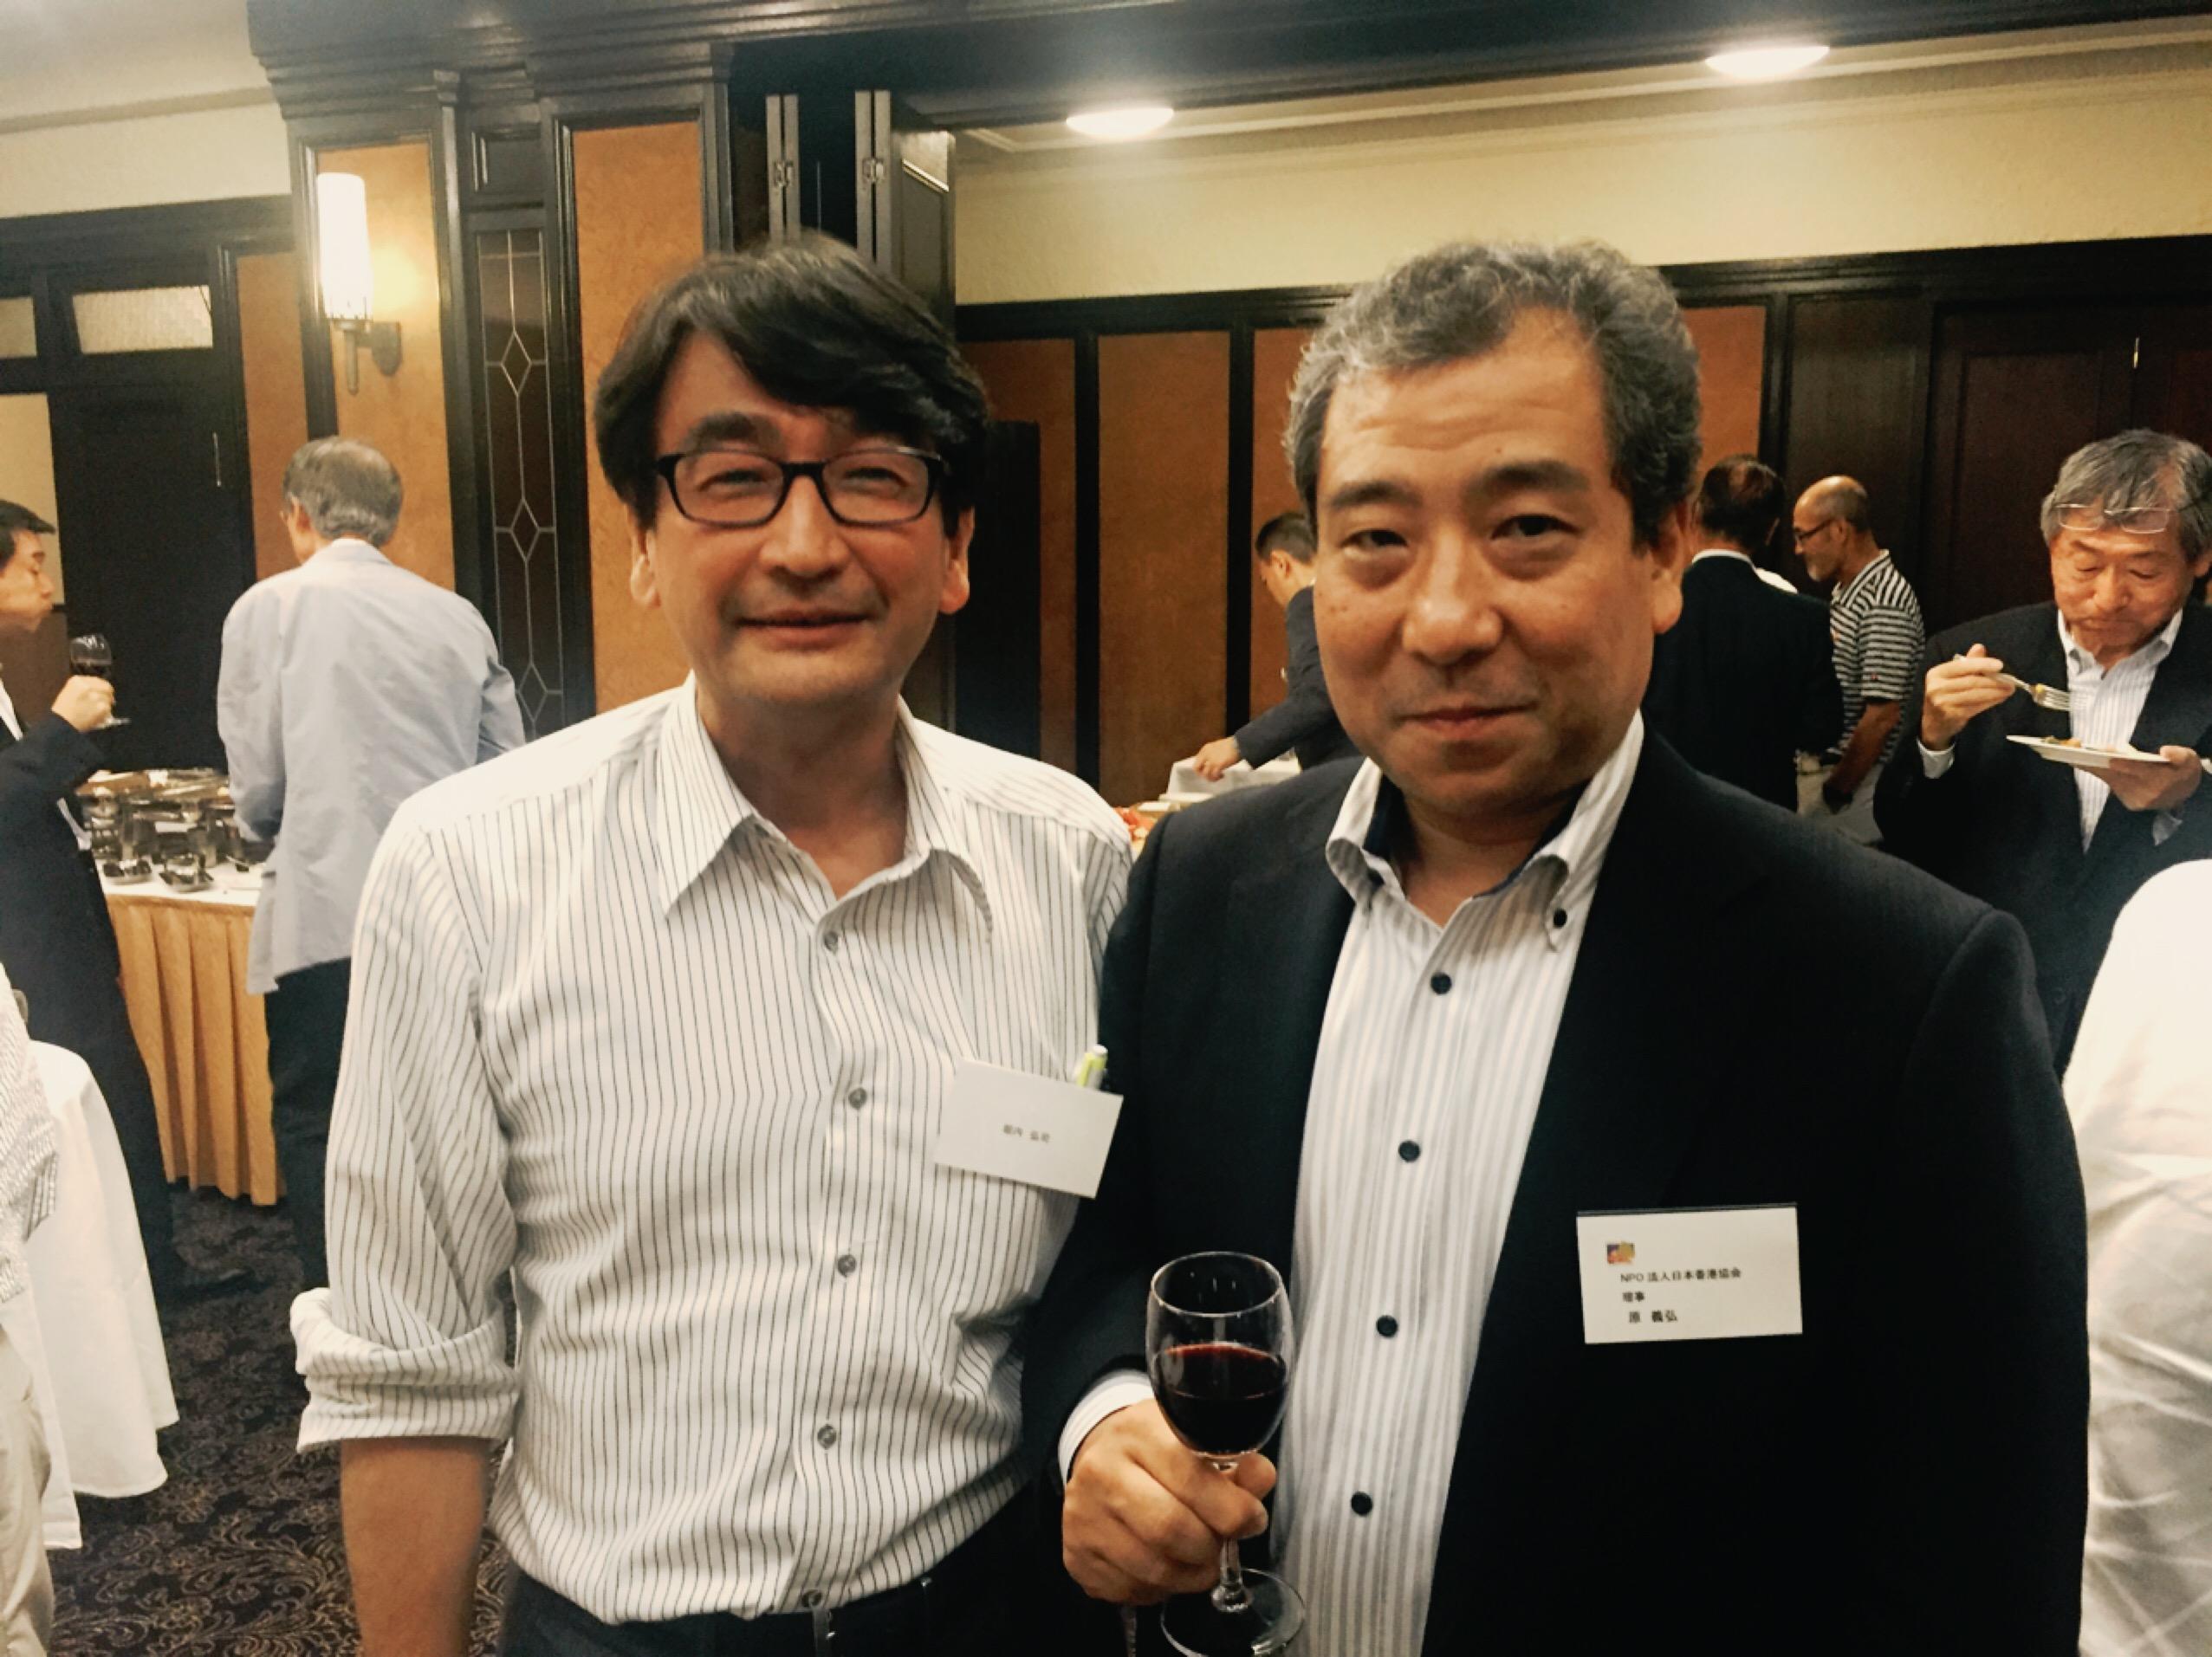 香港ビジネスを狙うなら香港ビジネス懇話会 by 日本香港協会|クロスボーダーメディア